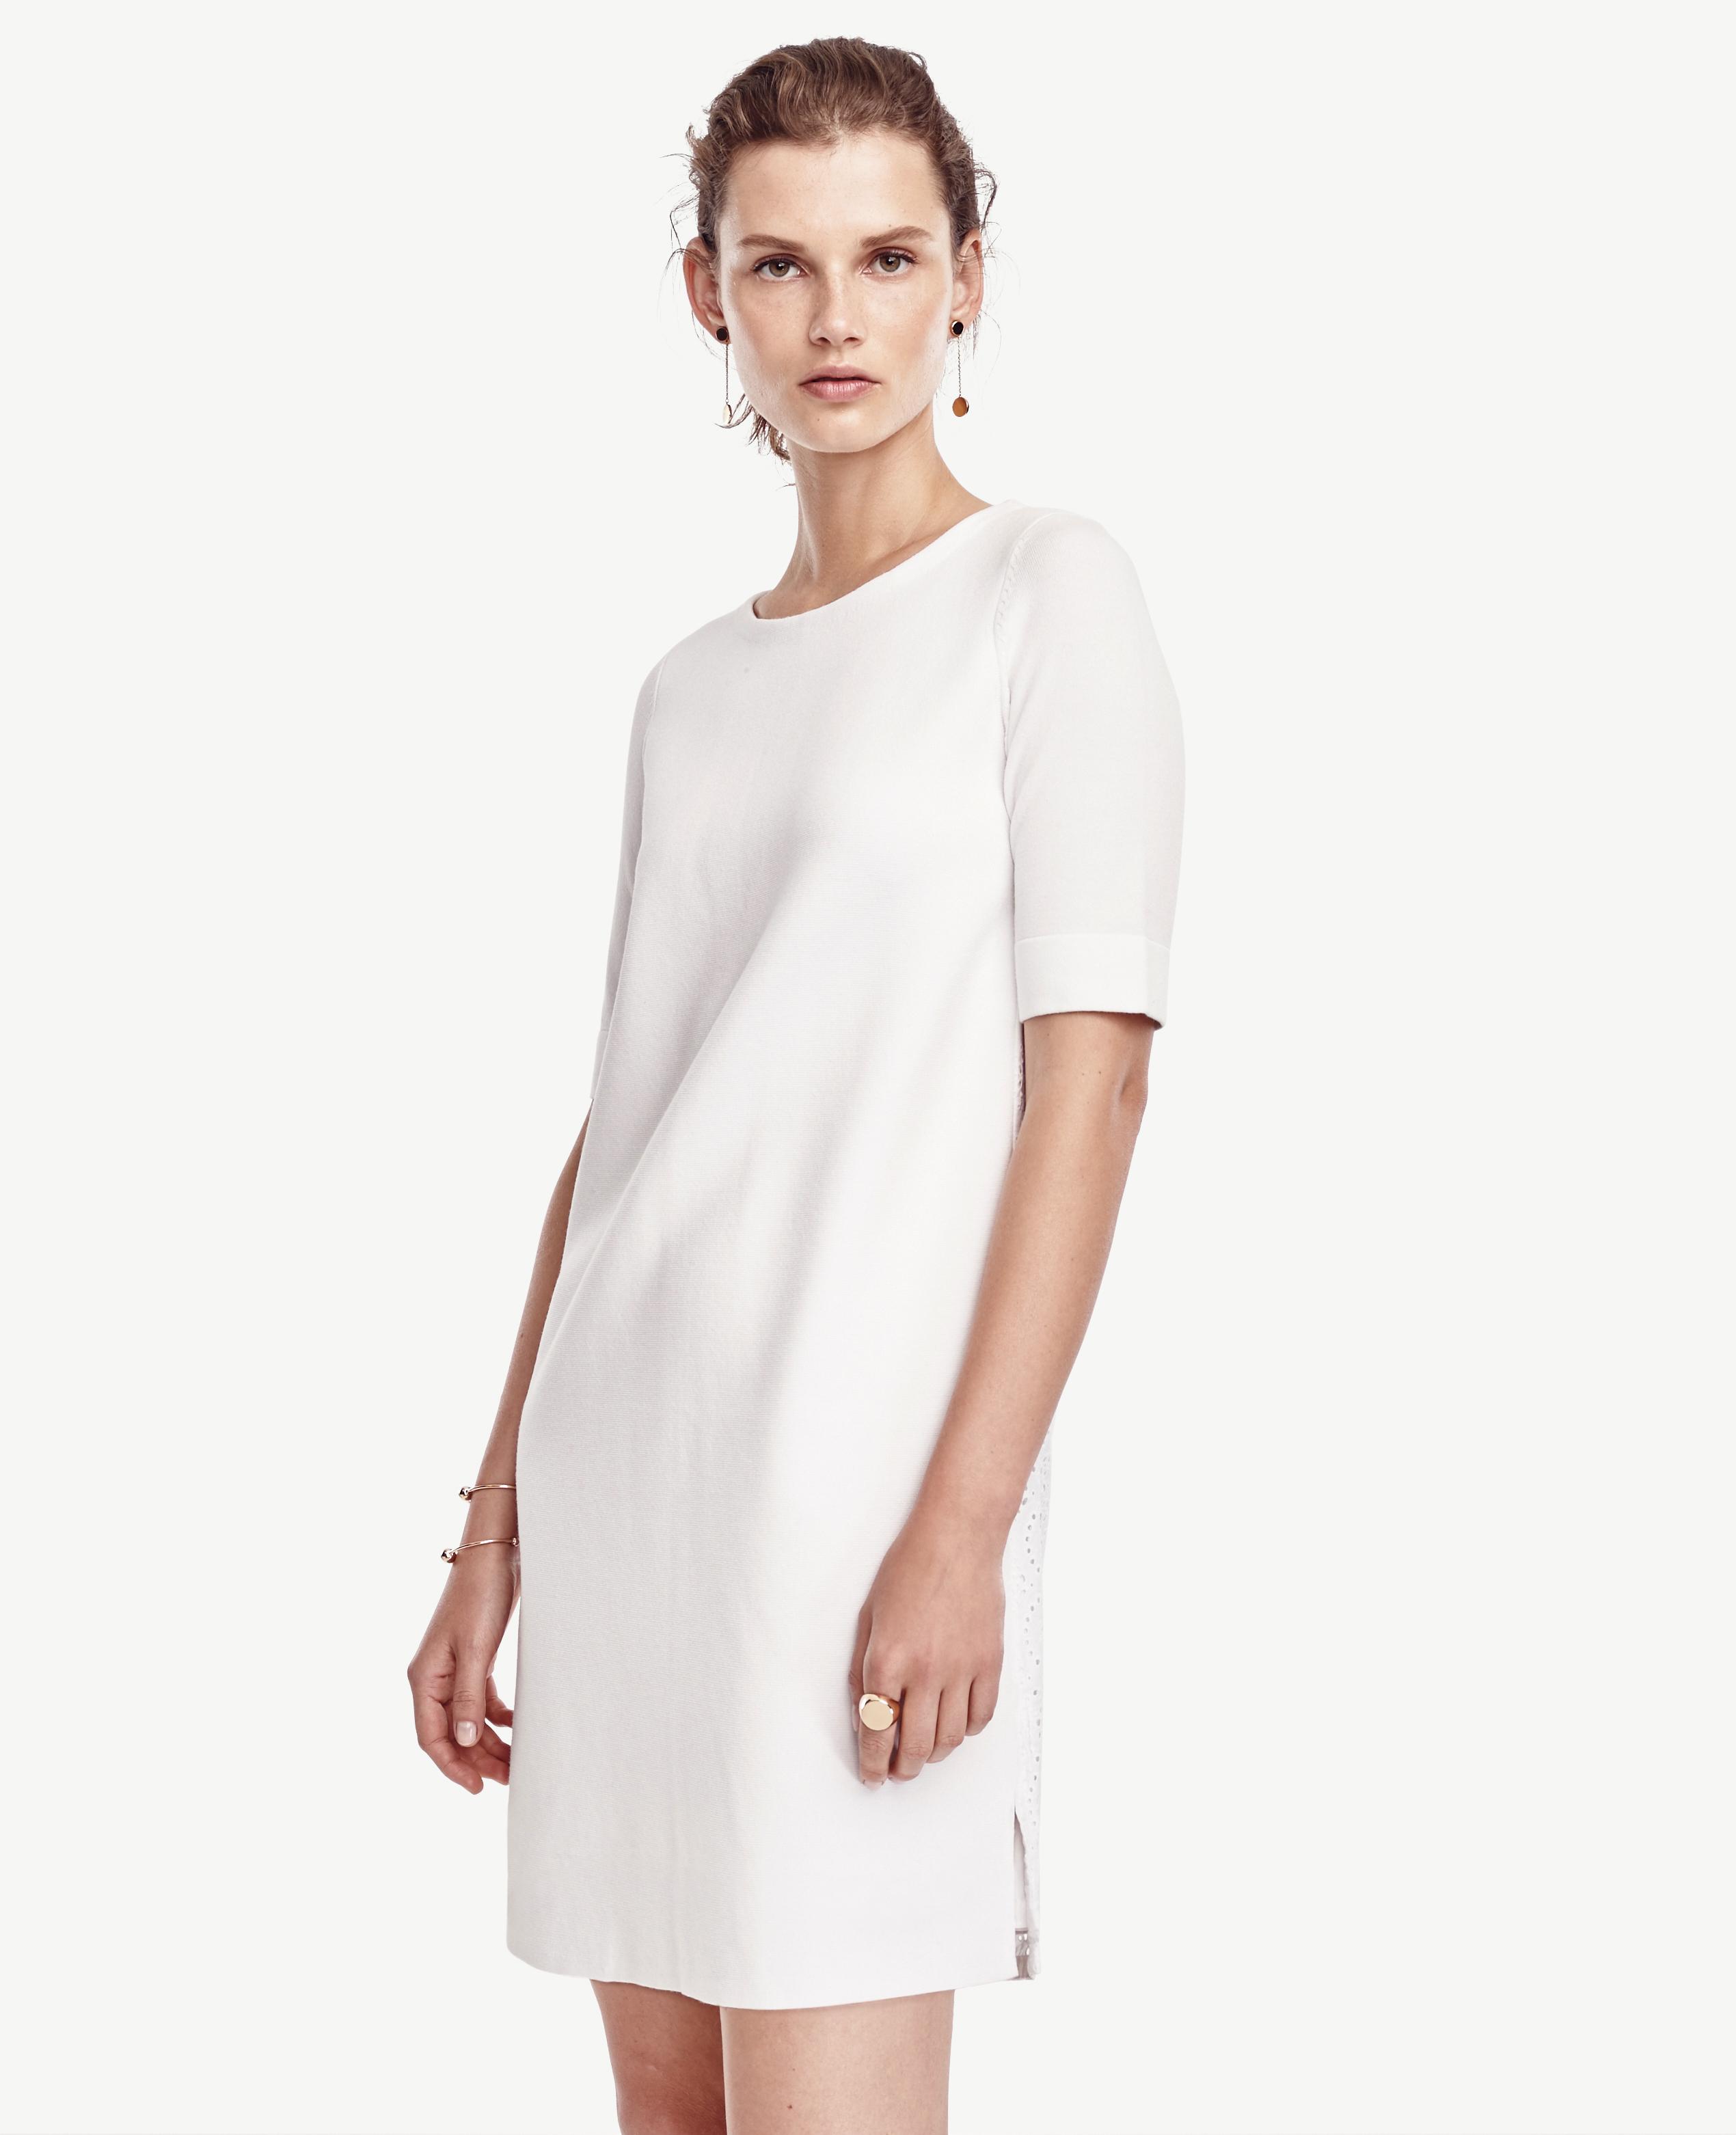 67a66e03e36f Lyst - Ann Taylor Petite Eyelet Back Dress in White